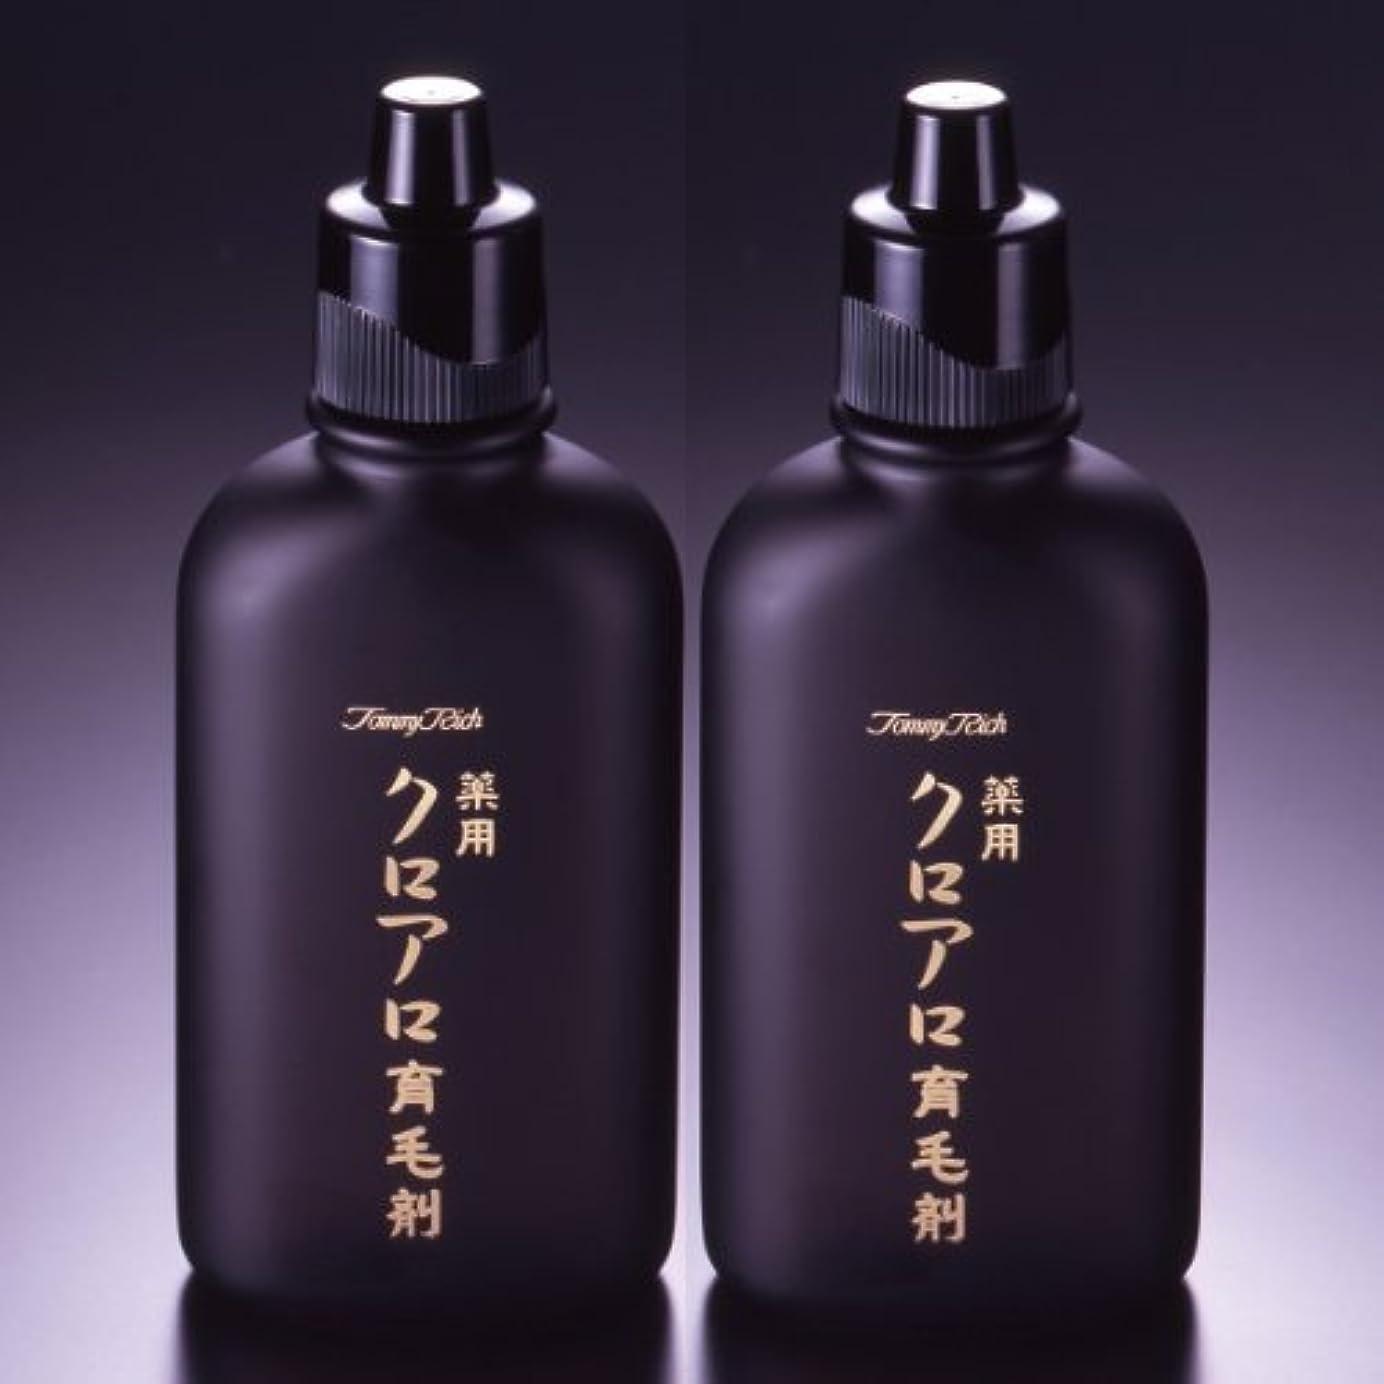 前売ベーリング海峡維持する黒アロエの薬用効果で、毛根がよみがえって髪がふさふさになる『薬用クロアロ育毛剤2本組』